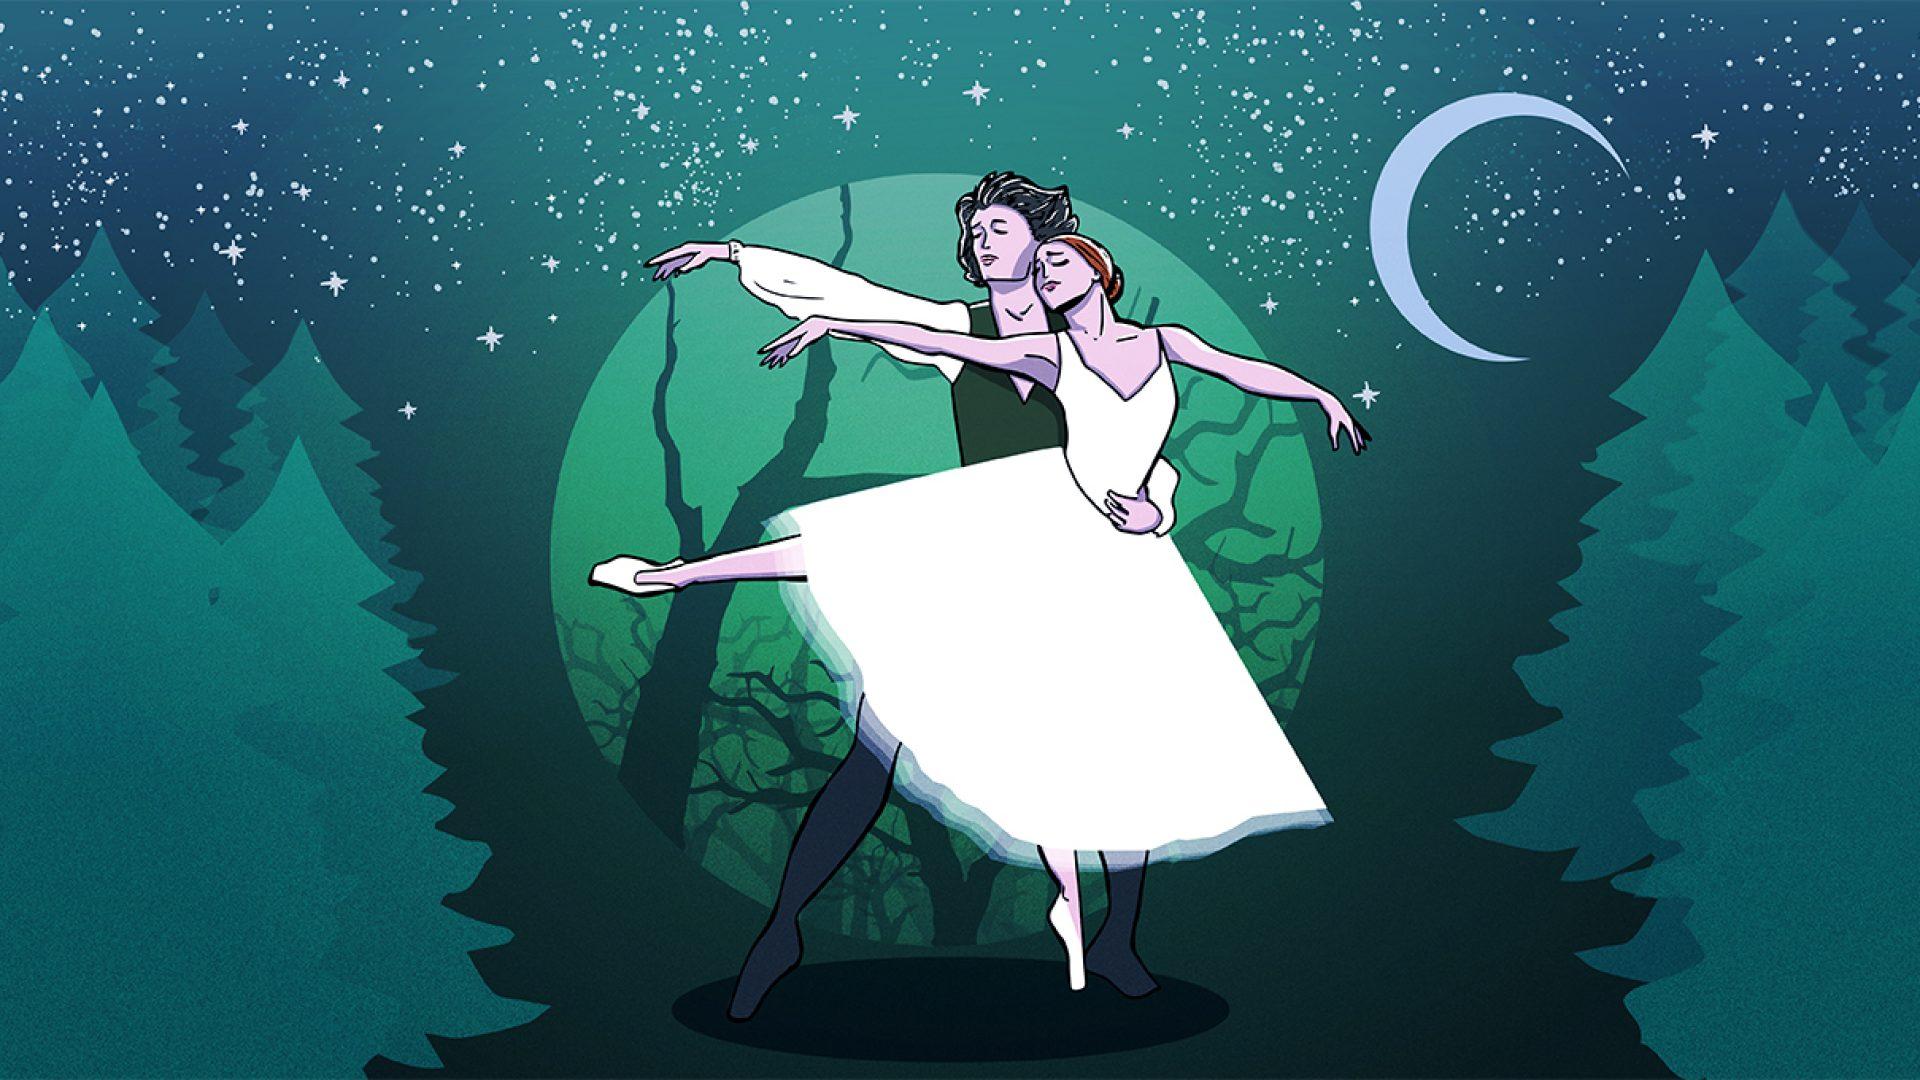 Dansende Giselle og adelsmannen Albrecht som tegninger.